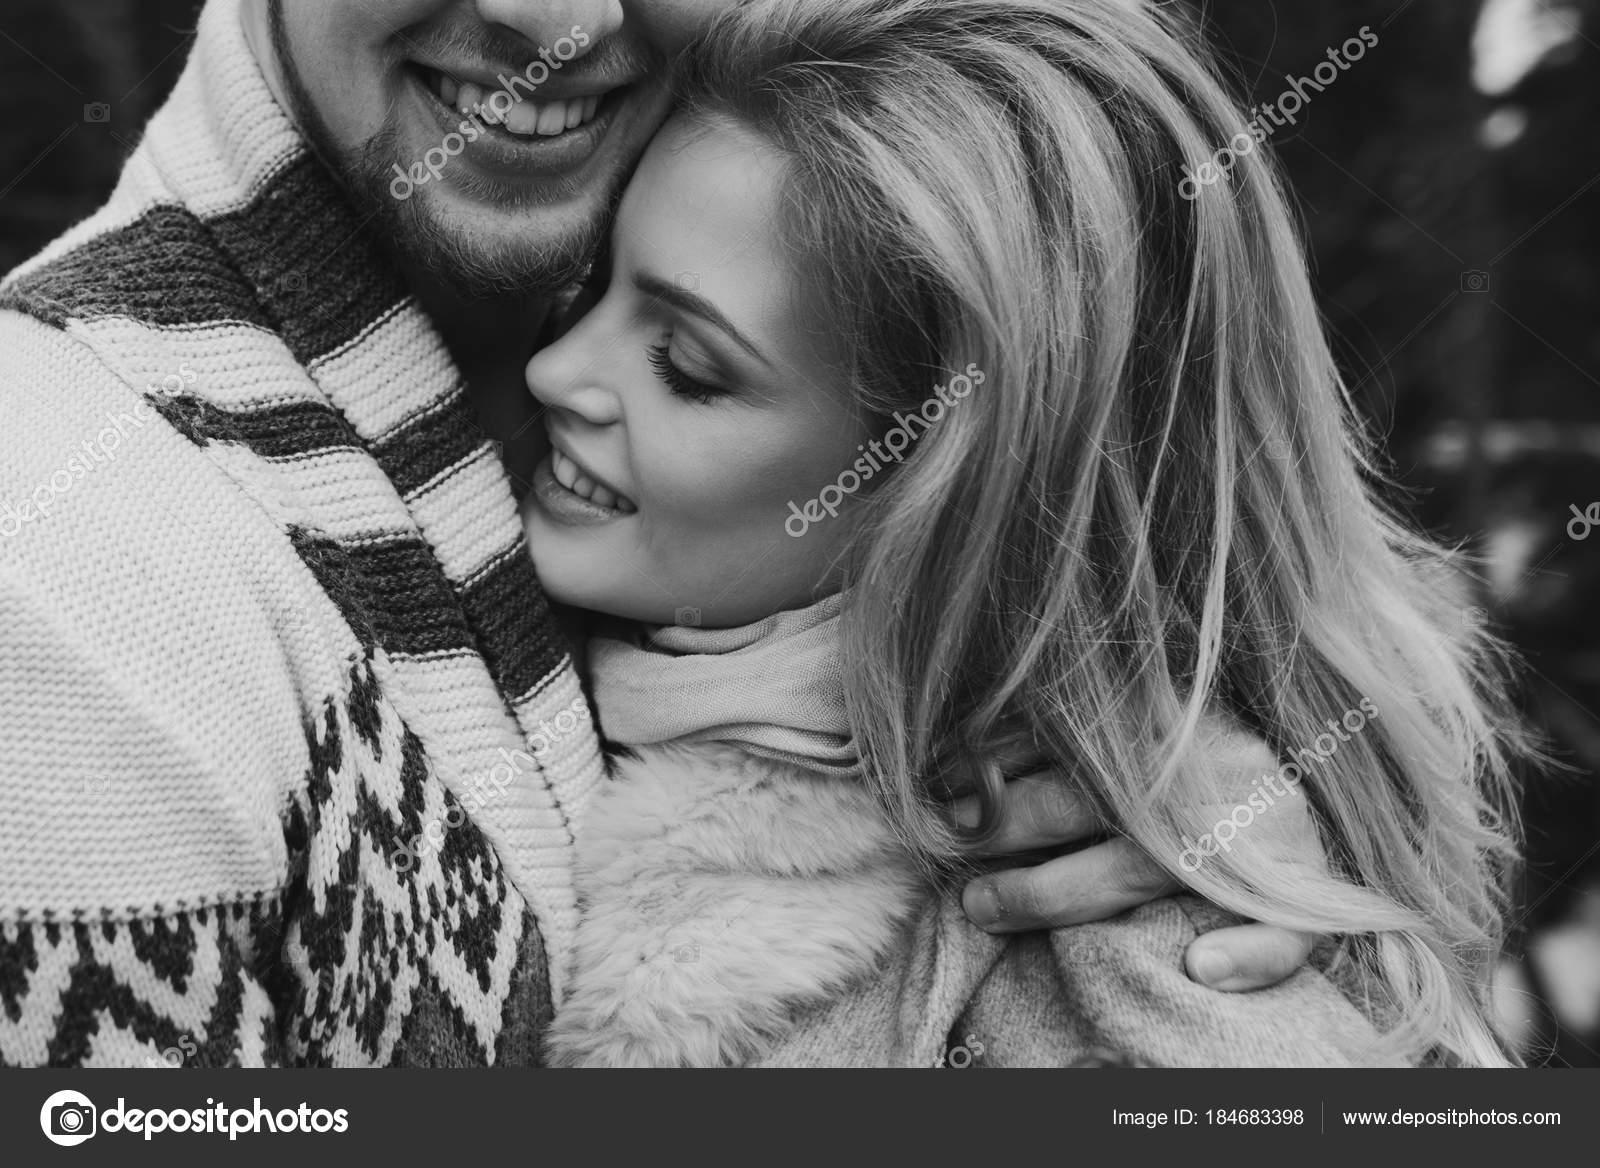 Фото красивые мужчина ласкает женщину, видео спортсменка с волосатой пиздой